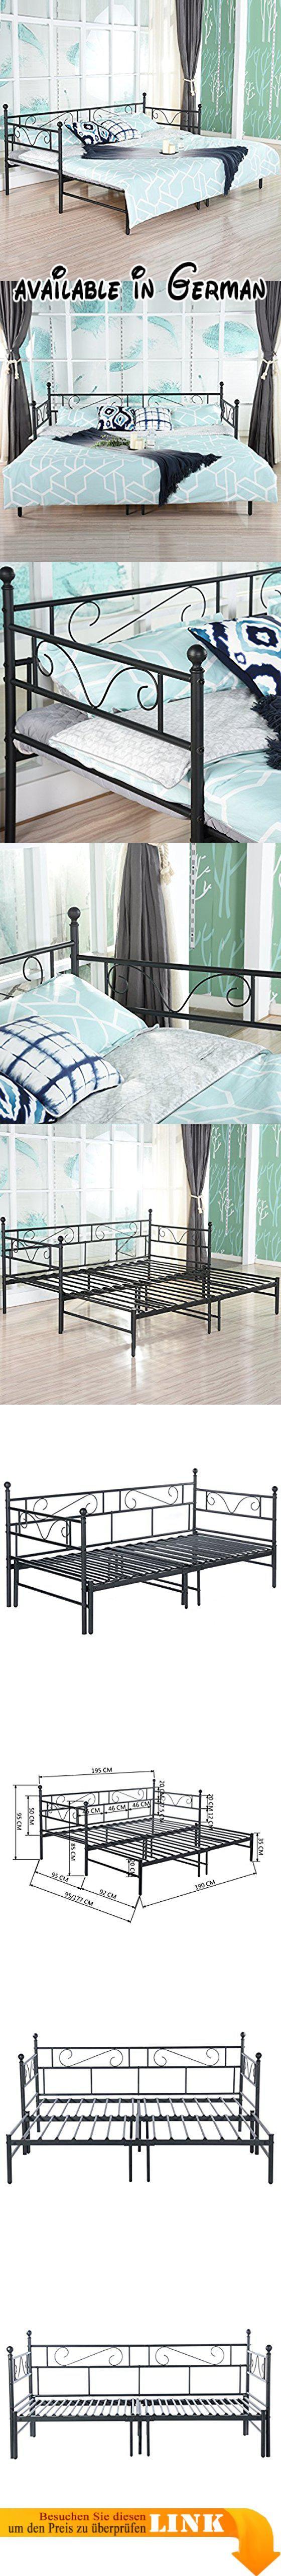 B078818VH6 : EGGREE Tagesbett Versailles Weiß Metall Single Sofa Optionen  Für Ausziehbett Tagesbett Mit Unterbett Trundle